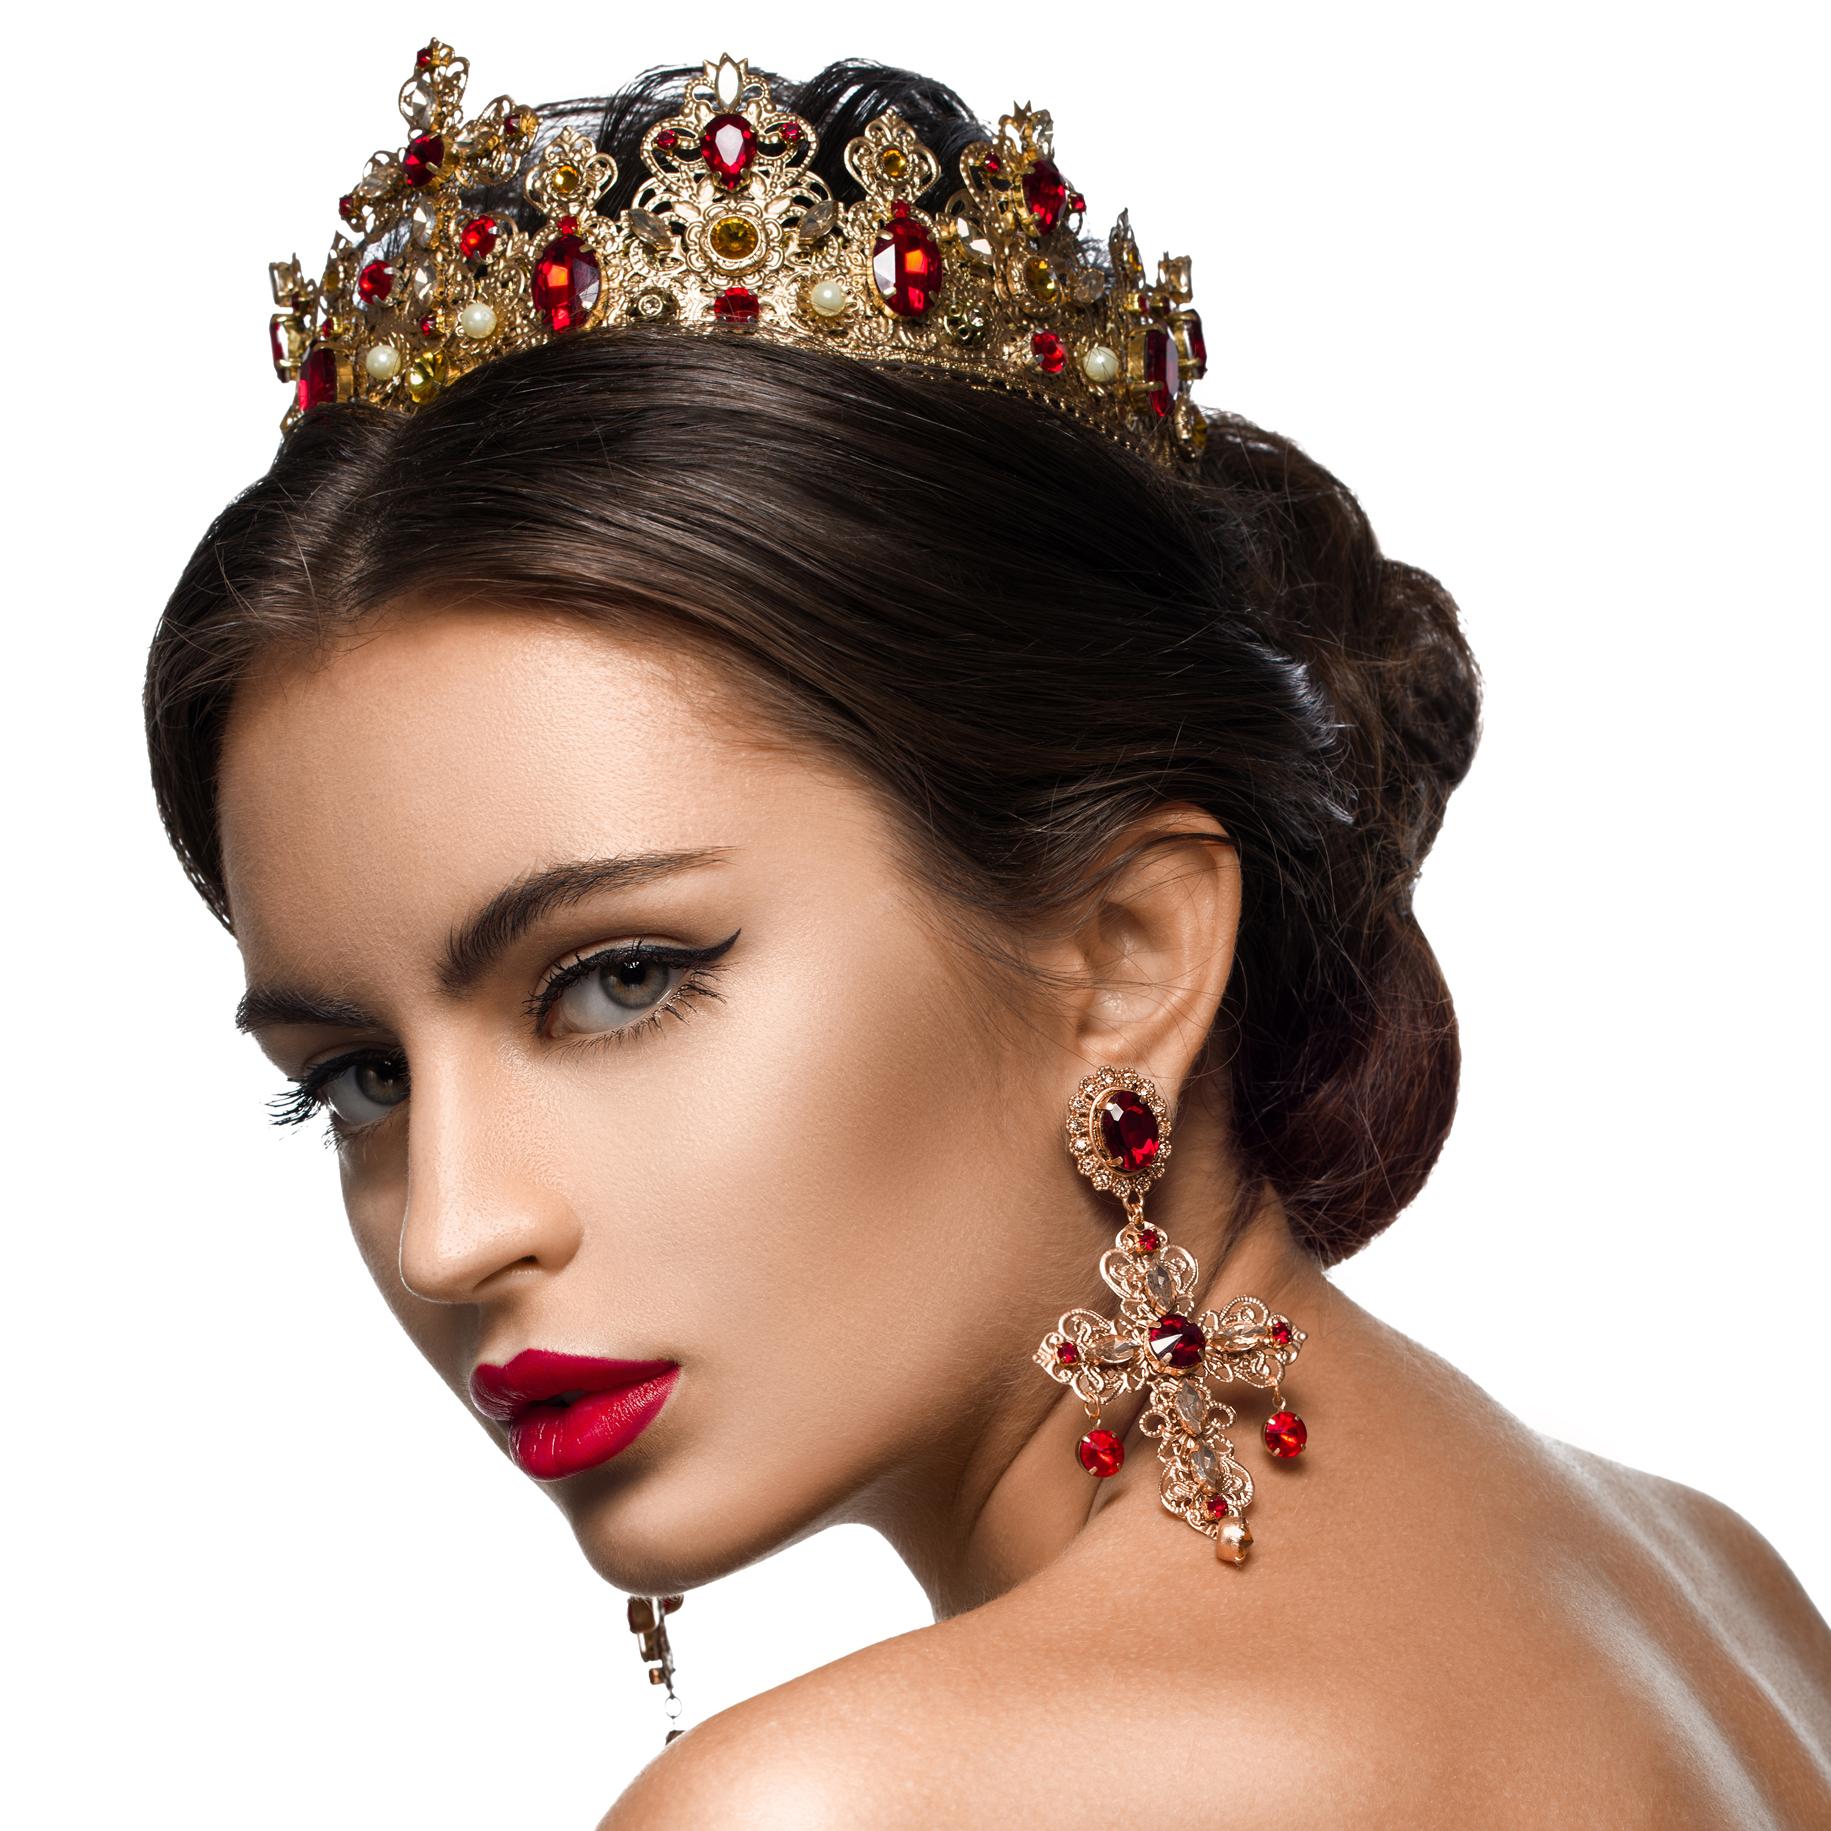 Ear piercing, earrings, glam earrings, communion earrings, girls earrings piercing girls ears